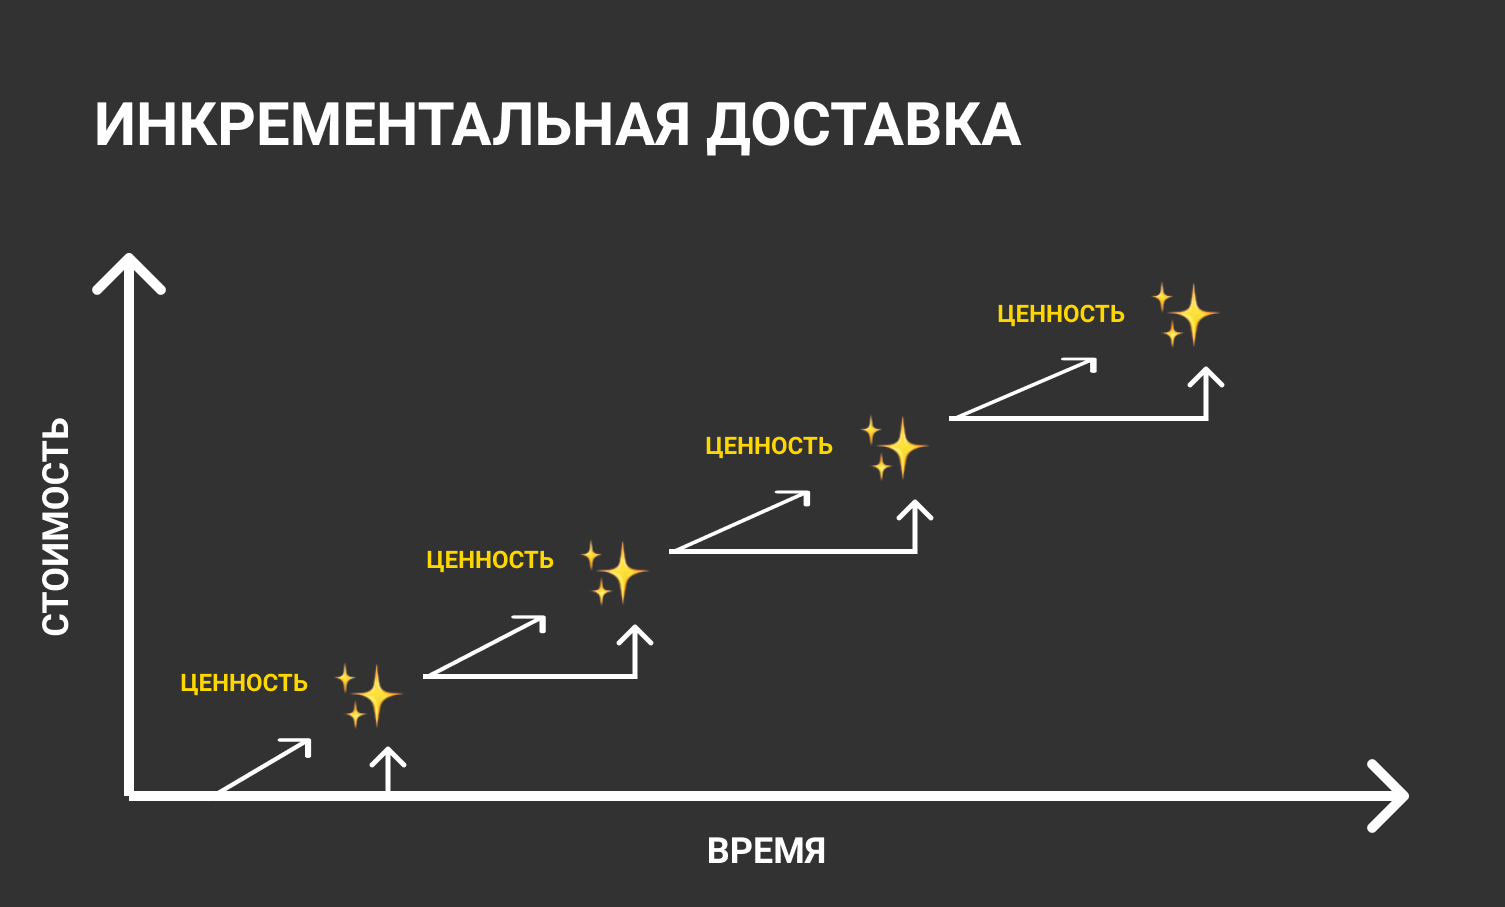 """Инкрементальная доставка и """"Циклы Деминга"""""""